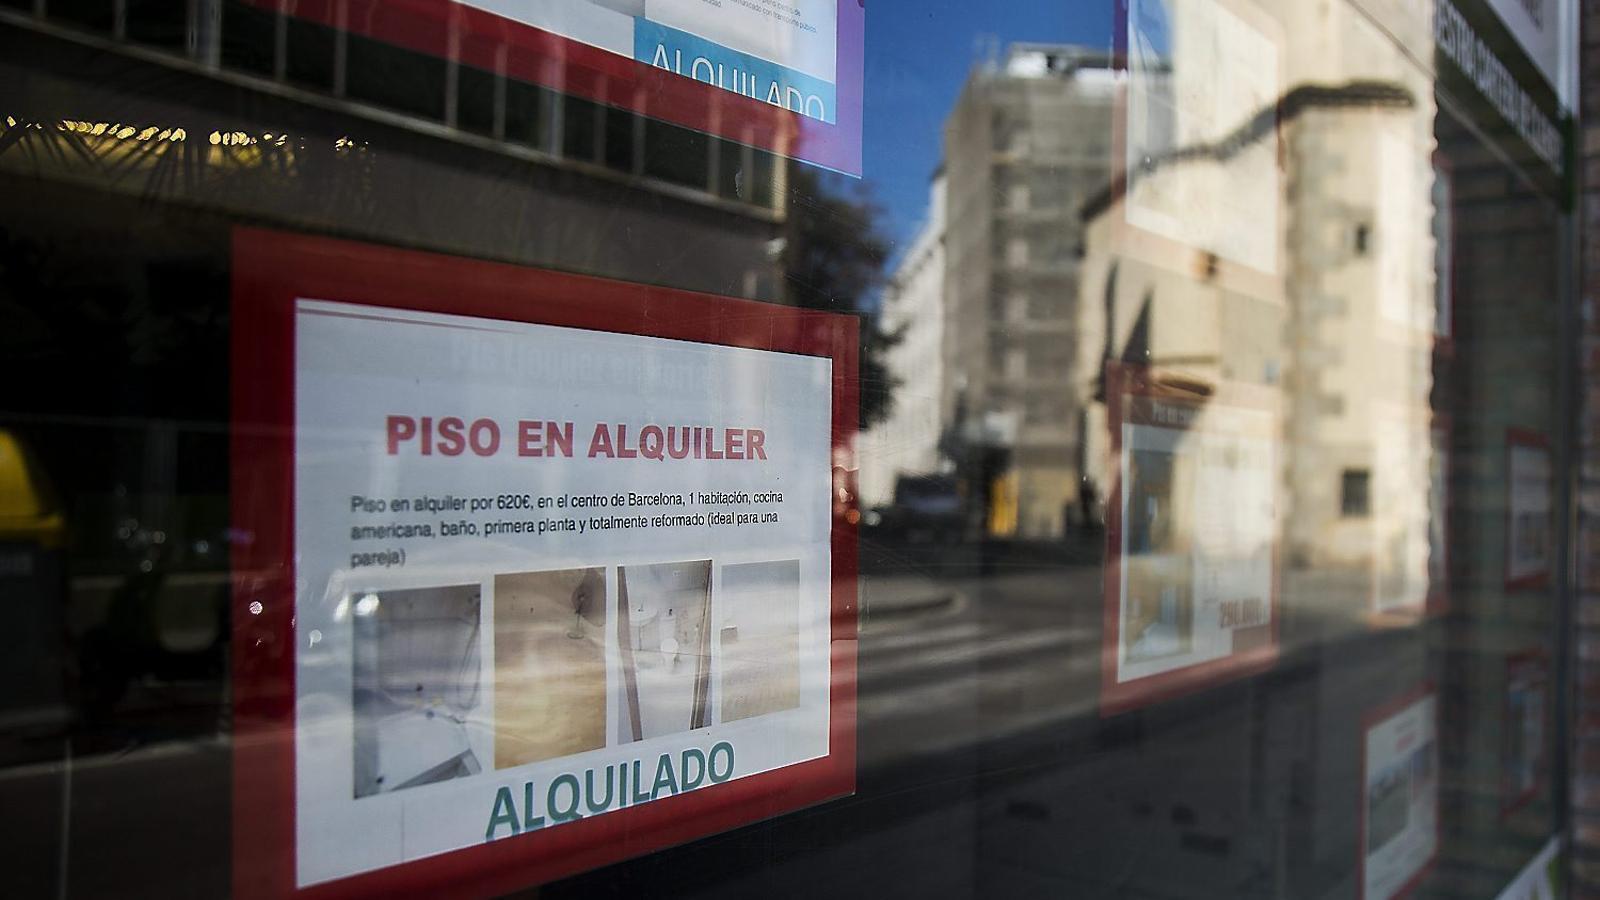 Els catalans destinen de mitjana la meitat del salari a pagar el lloguer